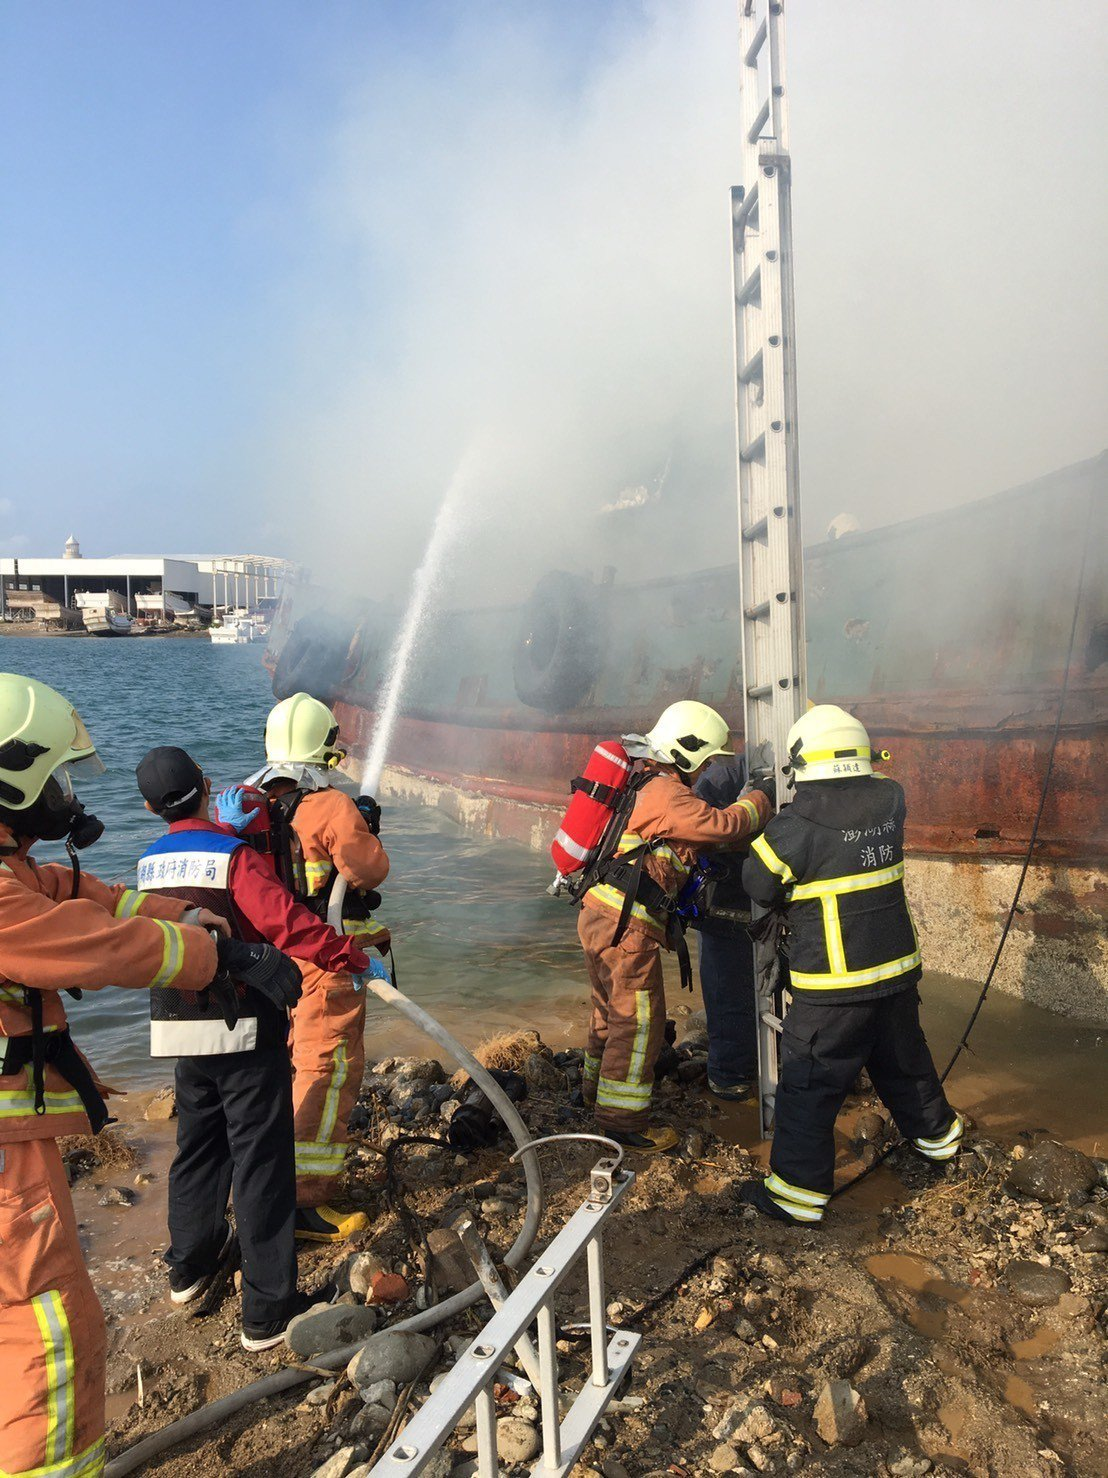 馬公市案山漁港一艘廢棄鐵殼船發生火警,消防員噴水灌救。記者徐白櫻/翻攝